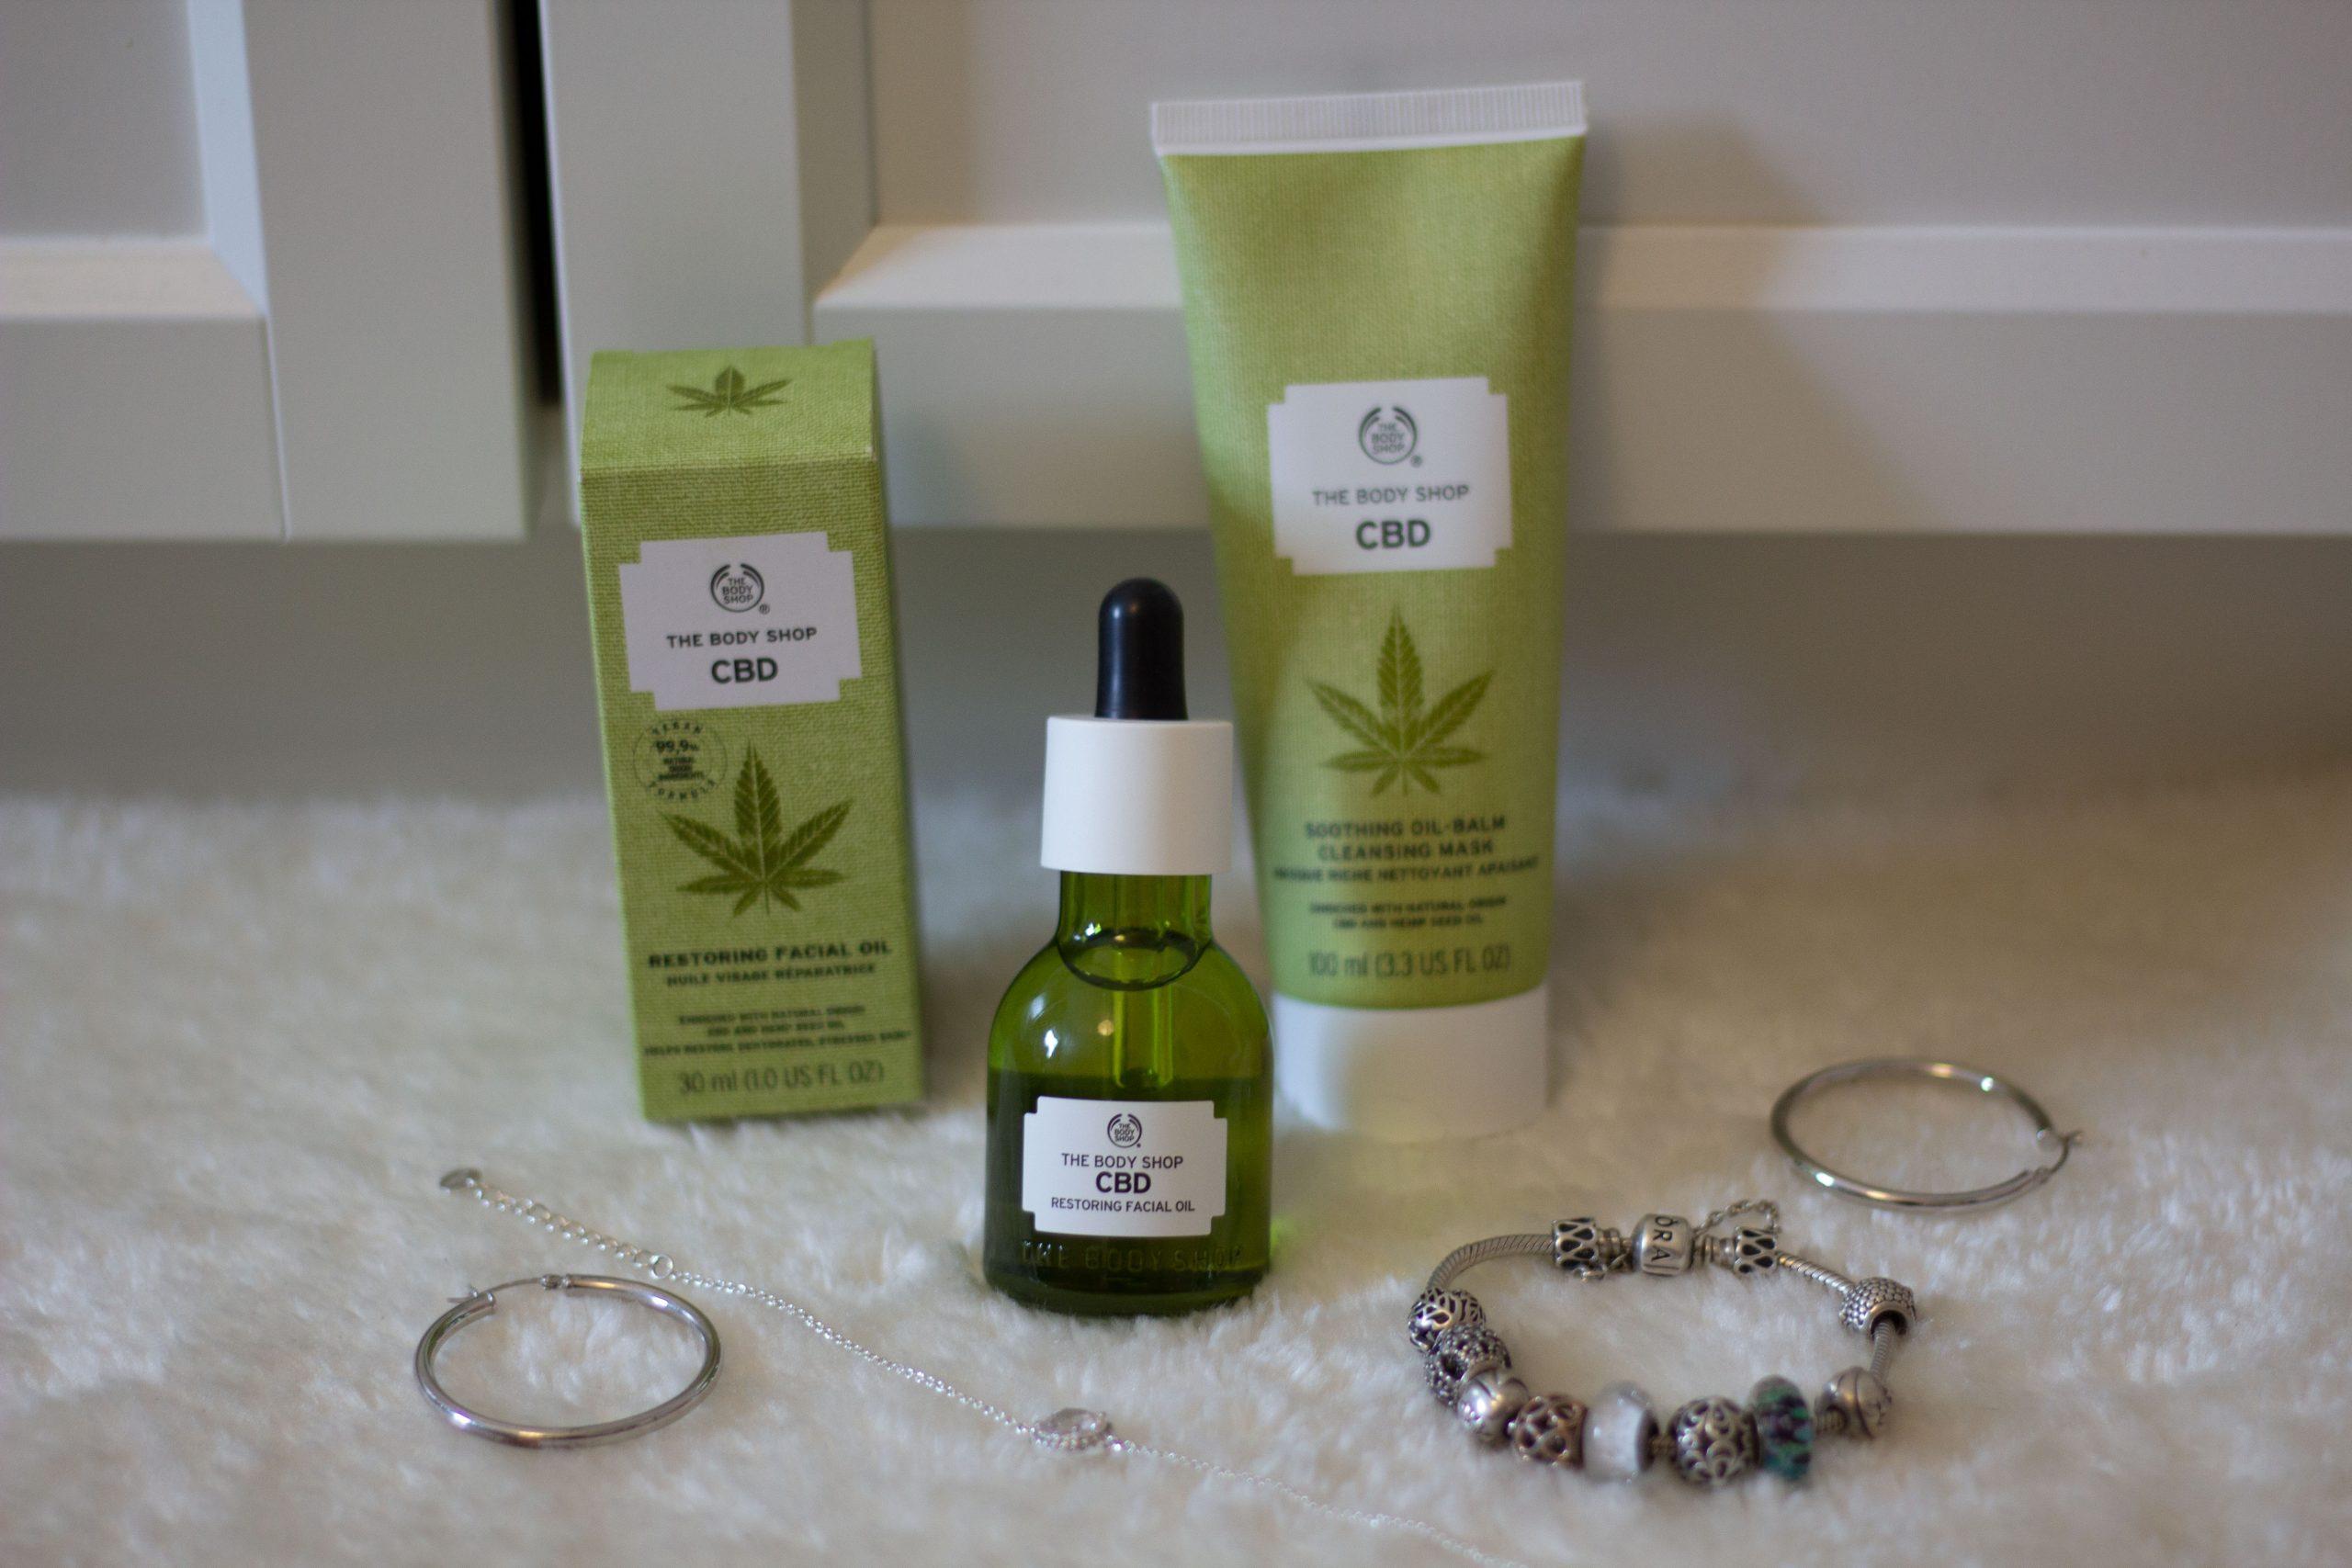 The Body Shop : soins visage au CBD